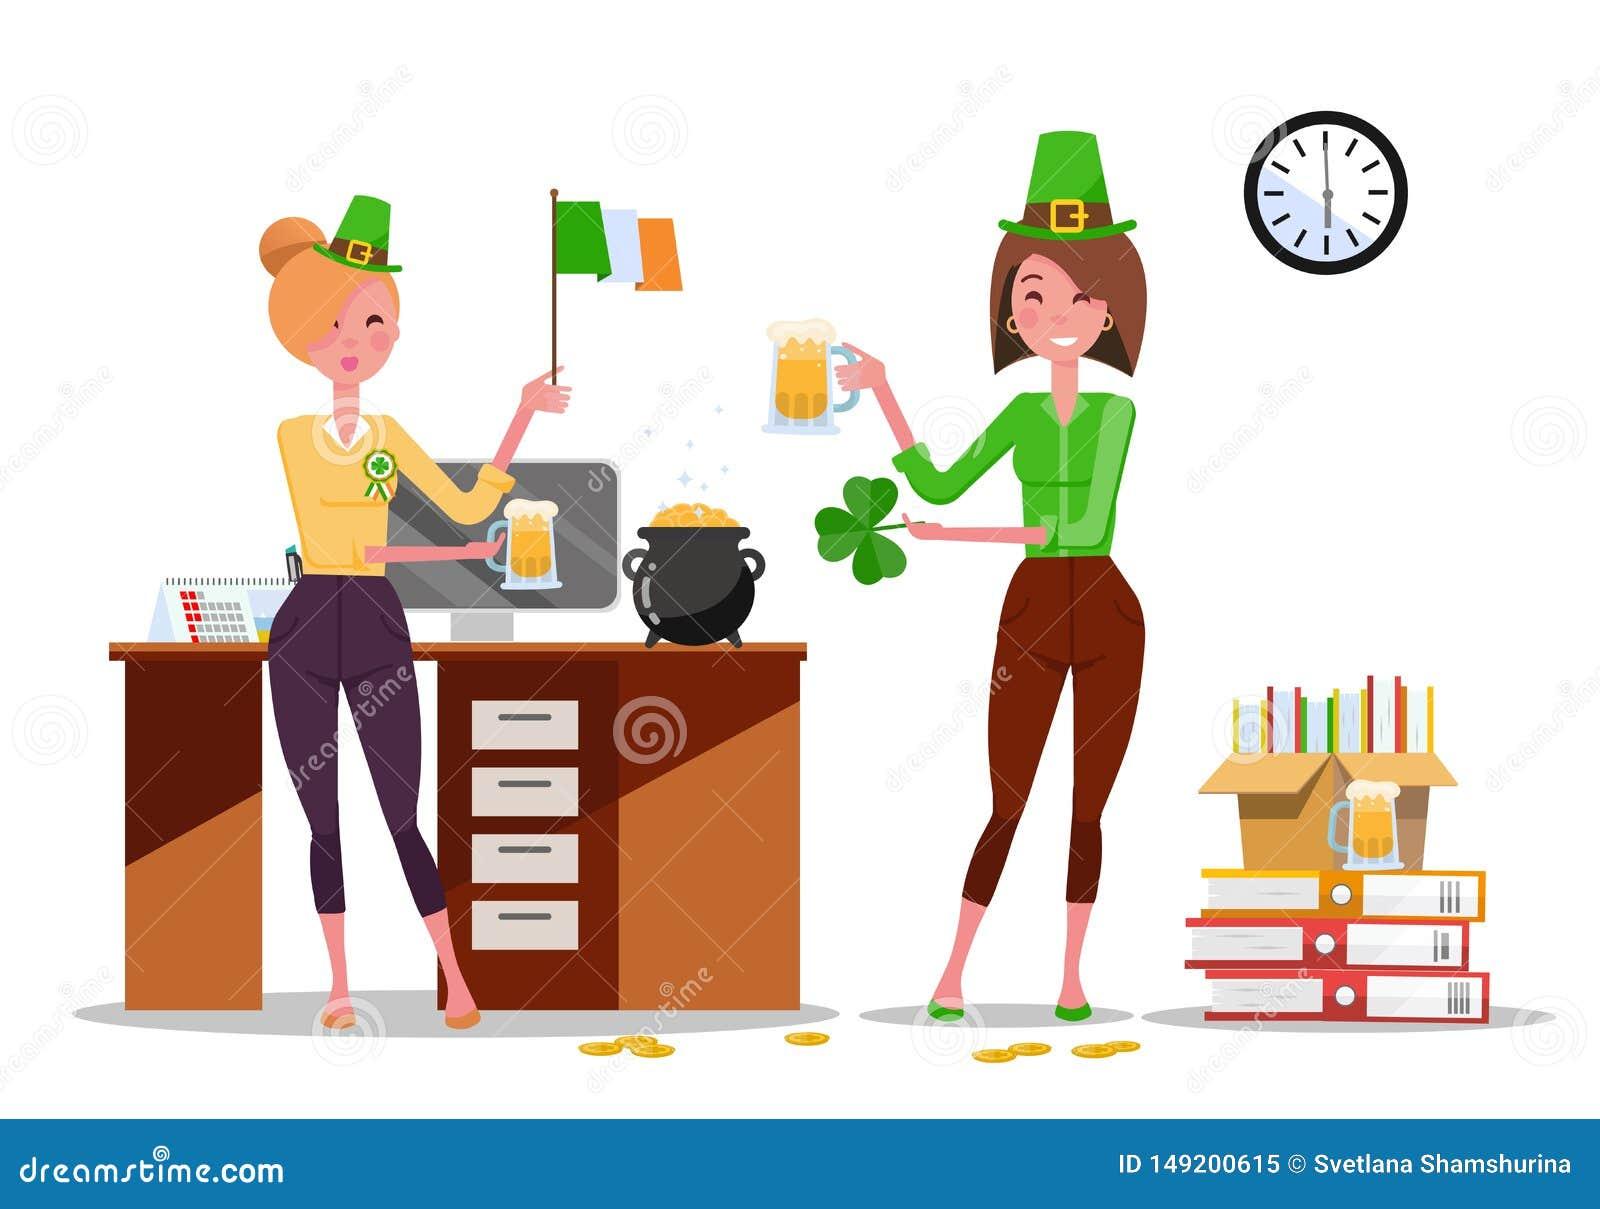 Δύο νέοι εργαζόμενοι γραφείων γυναικών γιορτάζουν την ημέρα του ST Πάτρικ στον εργασιακό χώρο με τις κούπες μπύρας, σημαία της Ιρ